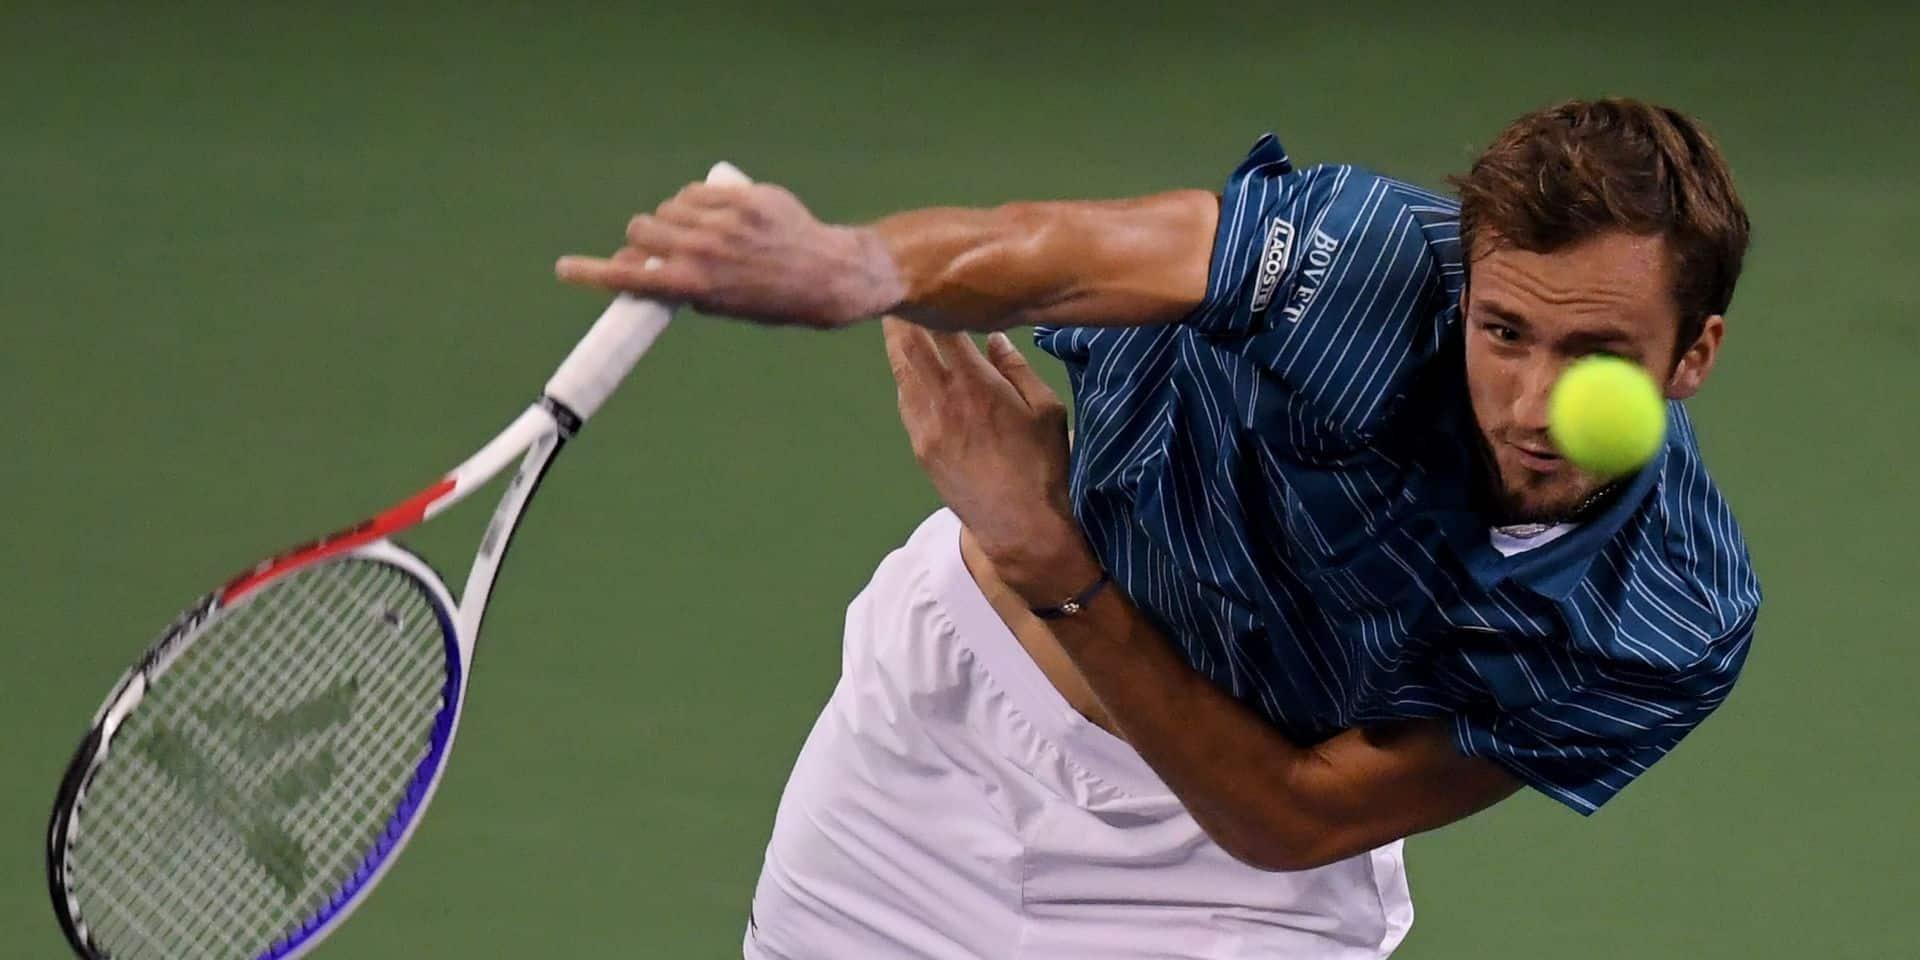 ATP Shanghai: Daniil Medvedev remporte son deuxième Masters 1000 d'affilée après Cincinnati